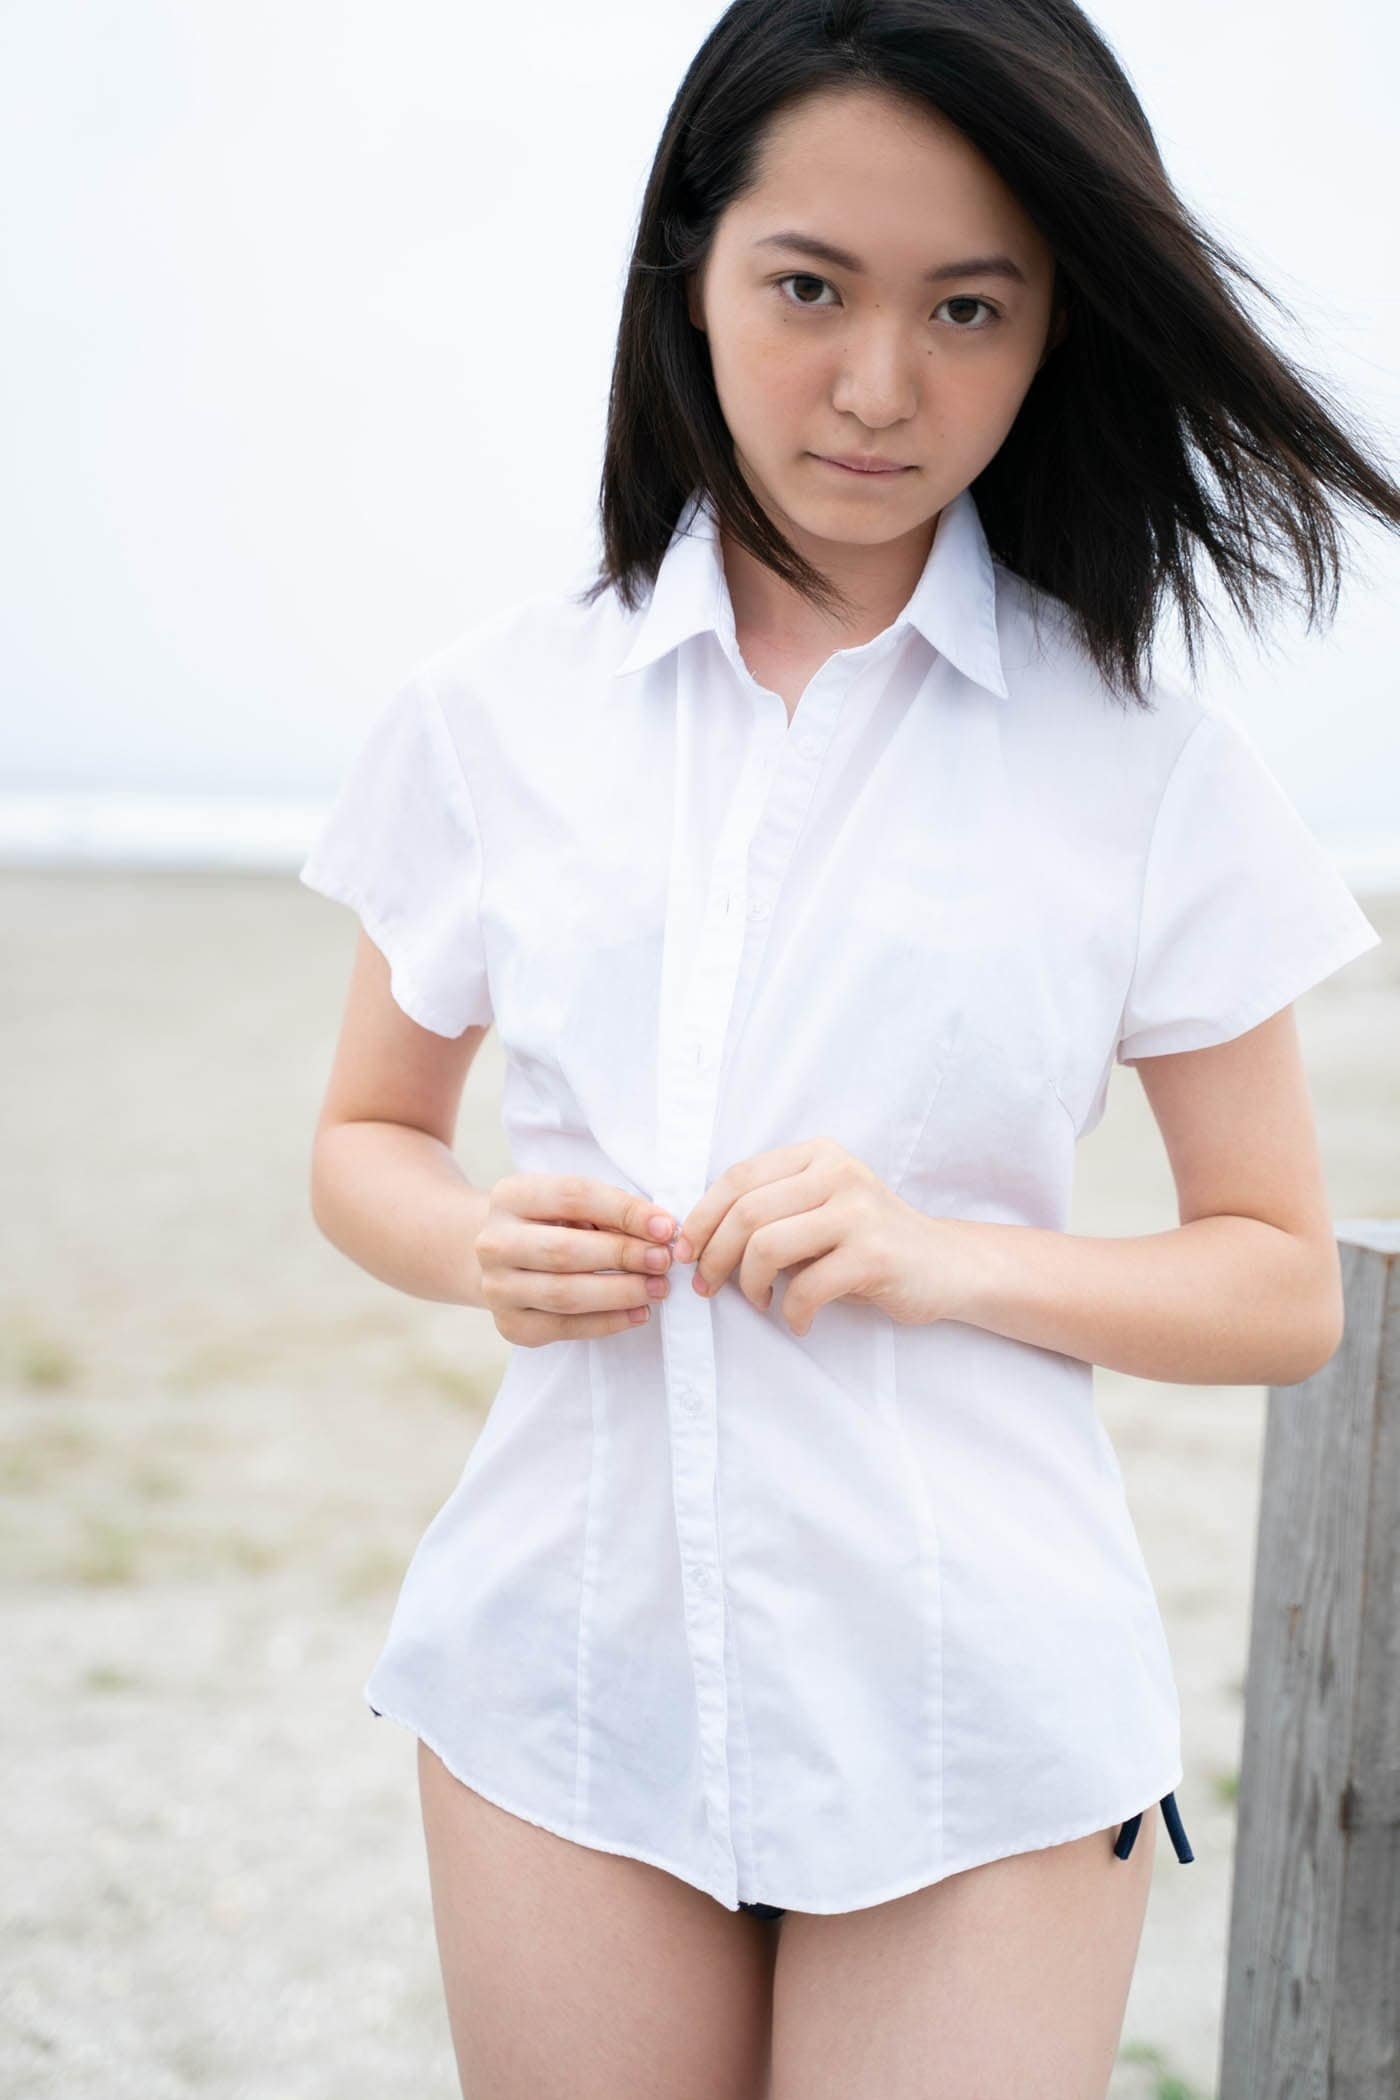 岡本桃花「17歳の健康的な水着姿」の透明感に癒やされる!【写真5枚】の画像003